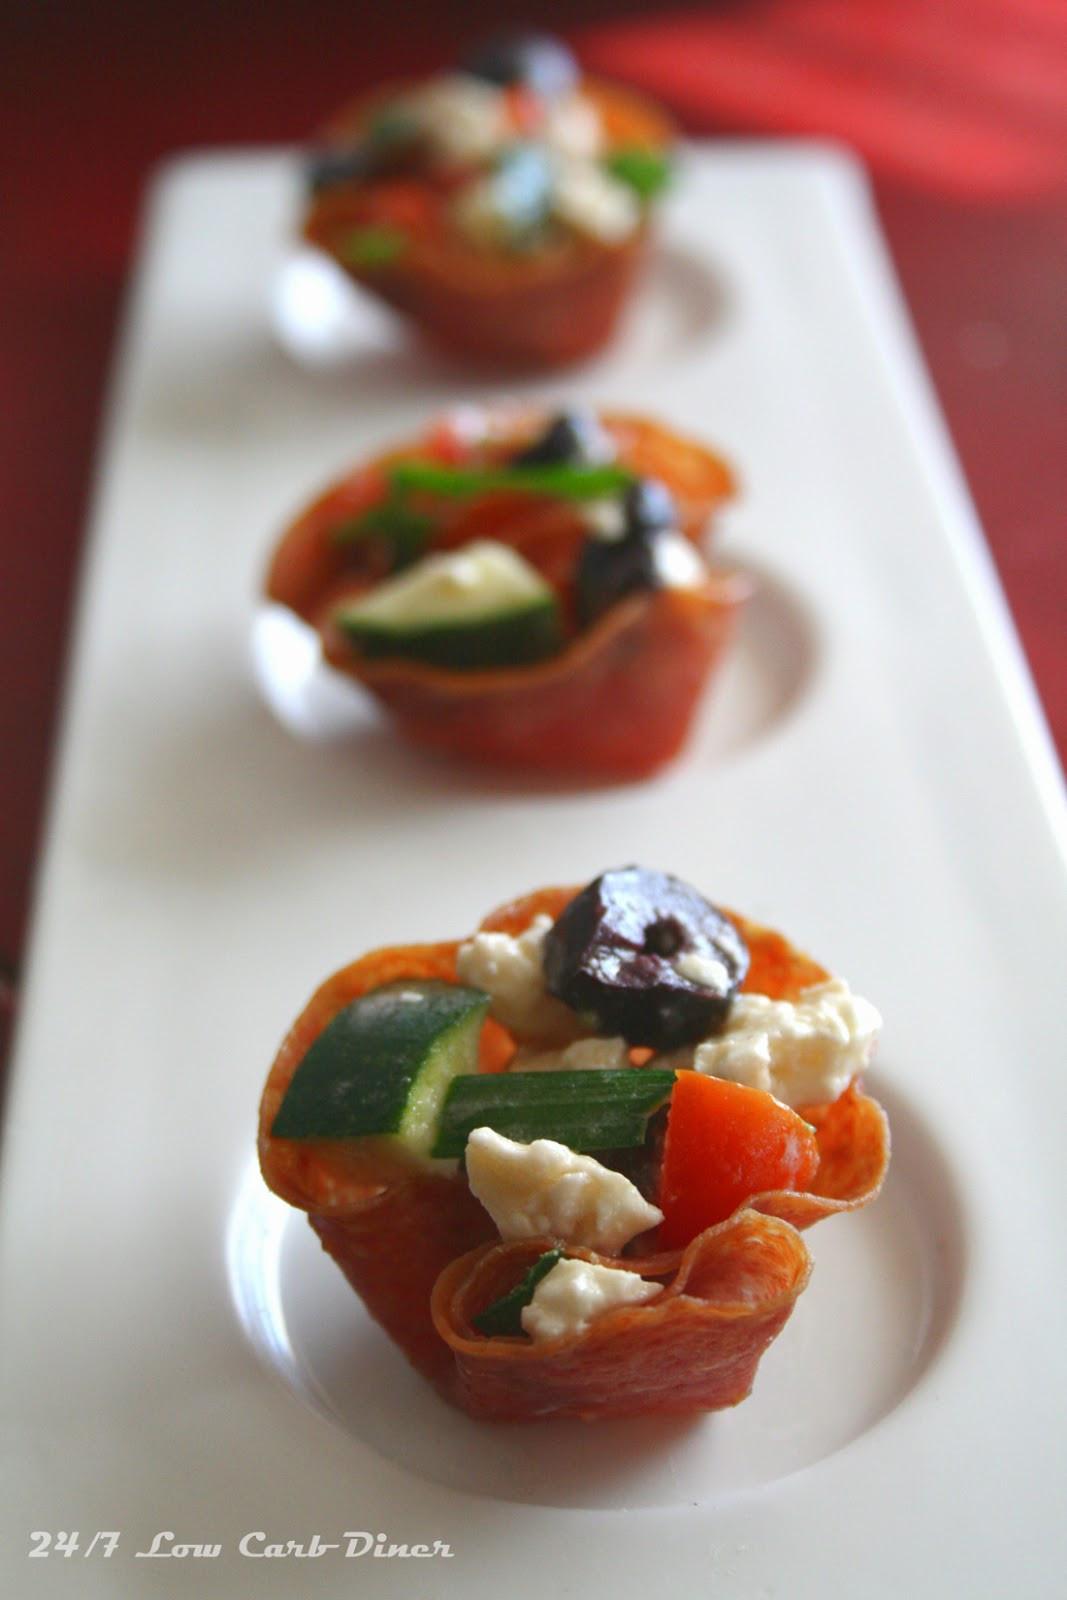 Low Carb Appetizers  24 7 Low Carb Diner Crisp Salami Cup Appetizers